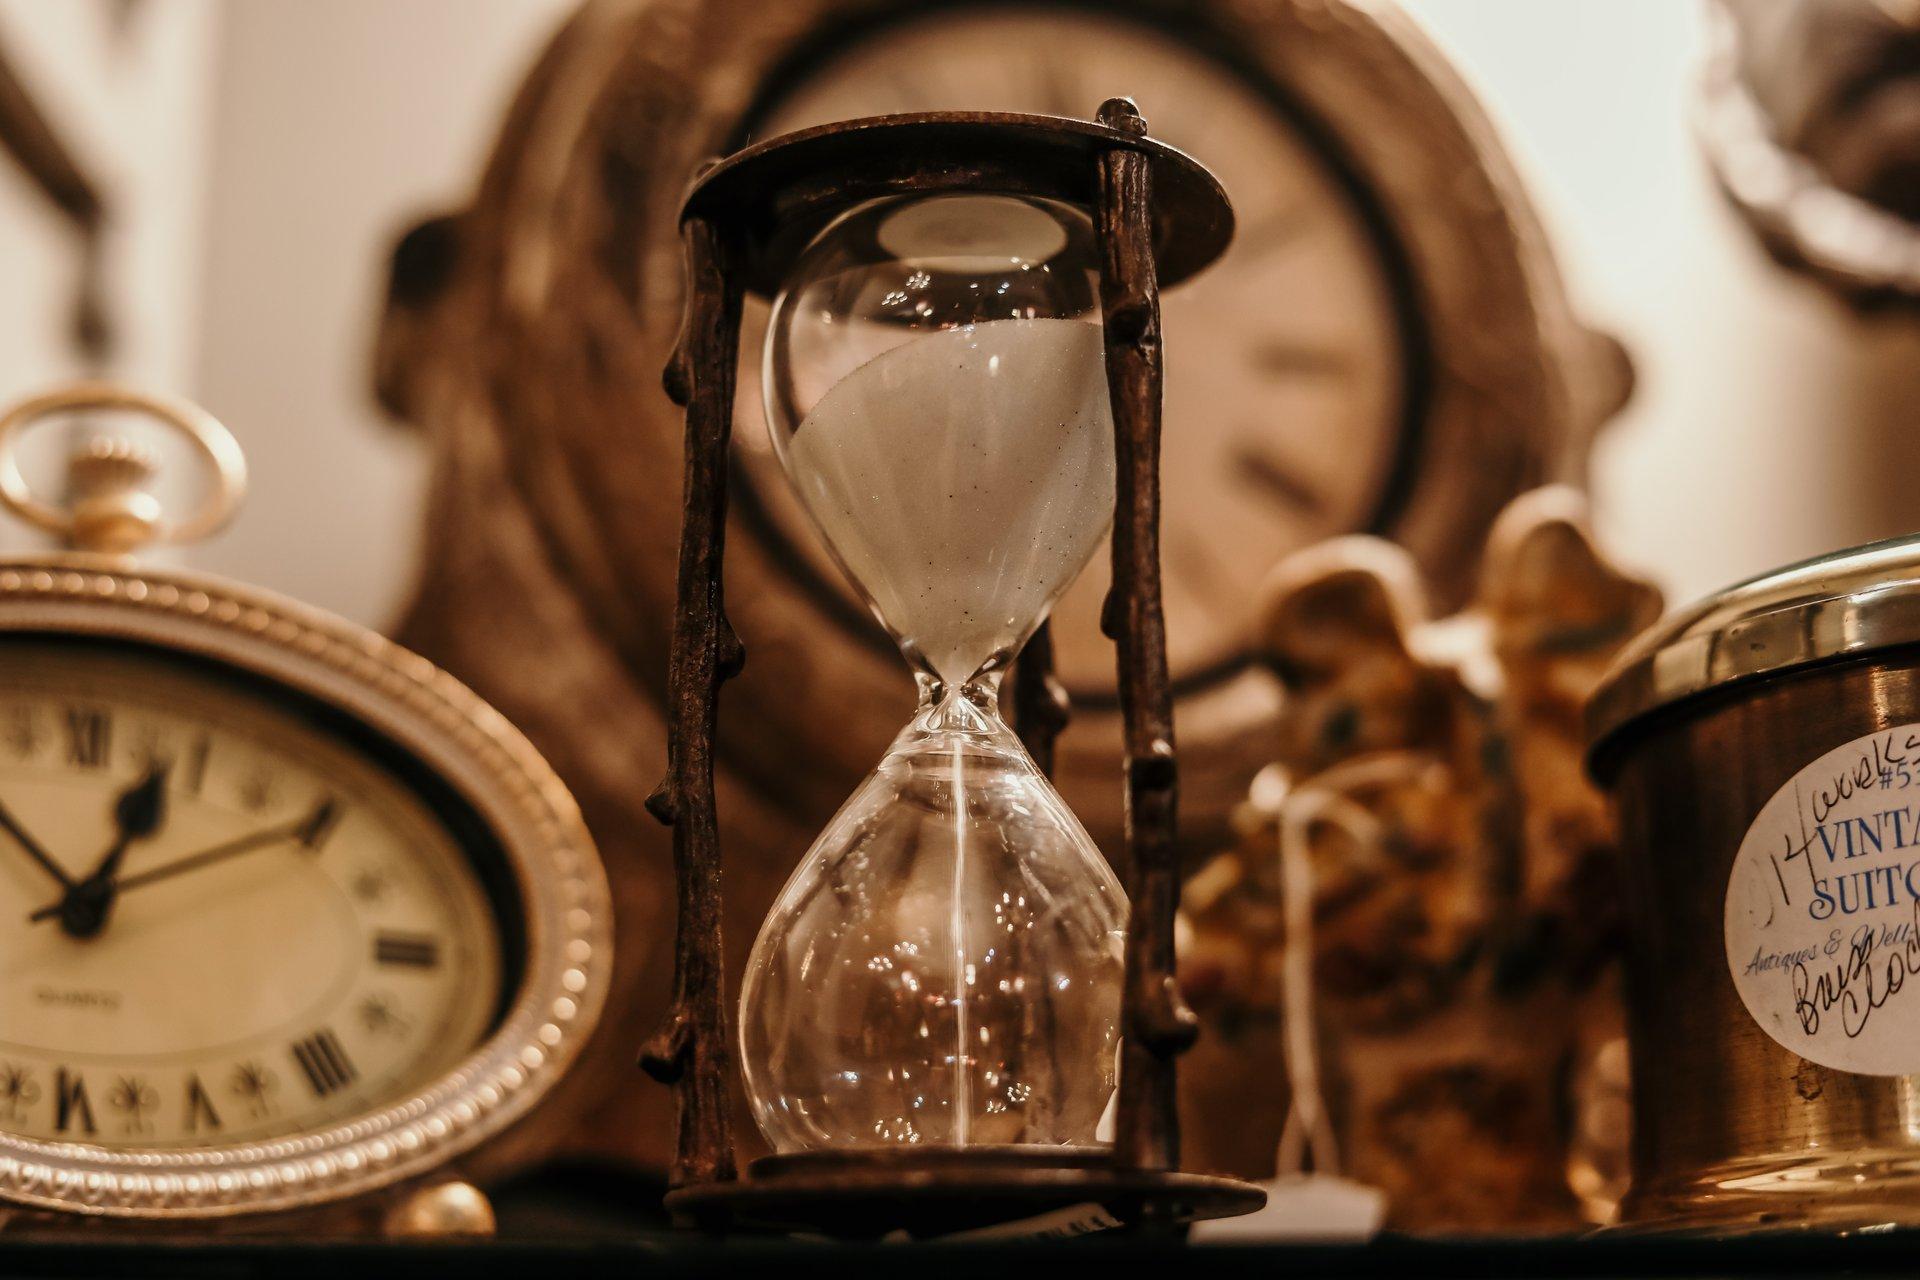 Увеличиваем свободное время, за счет правильной организации внимания